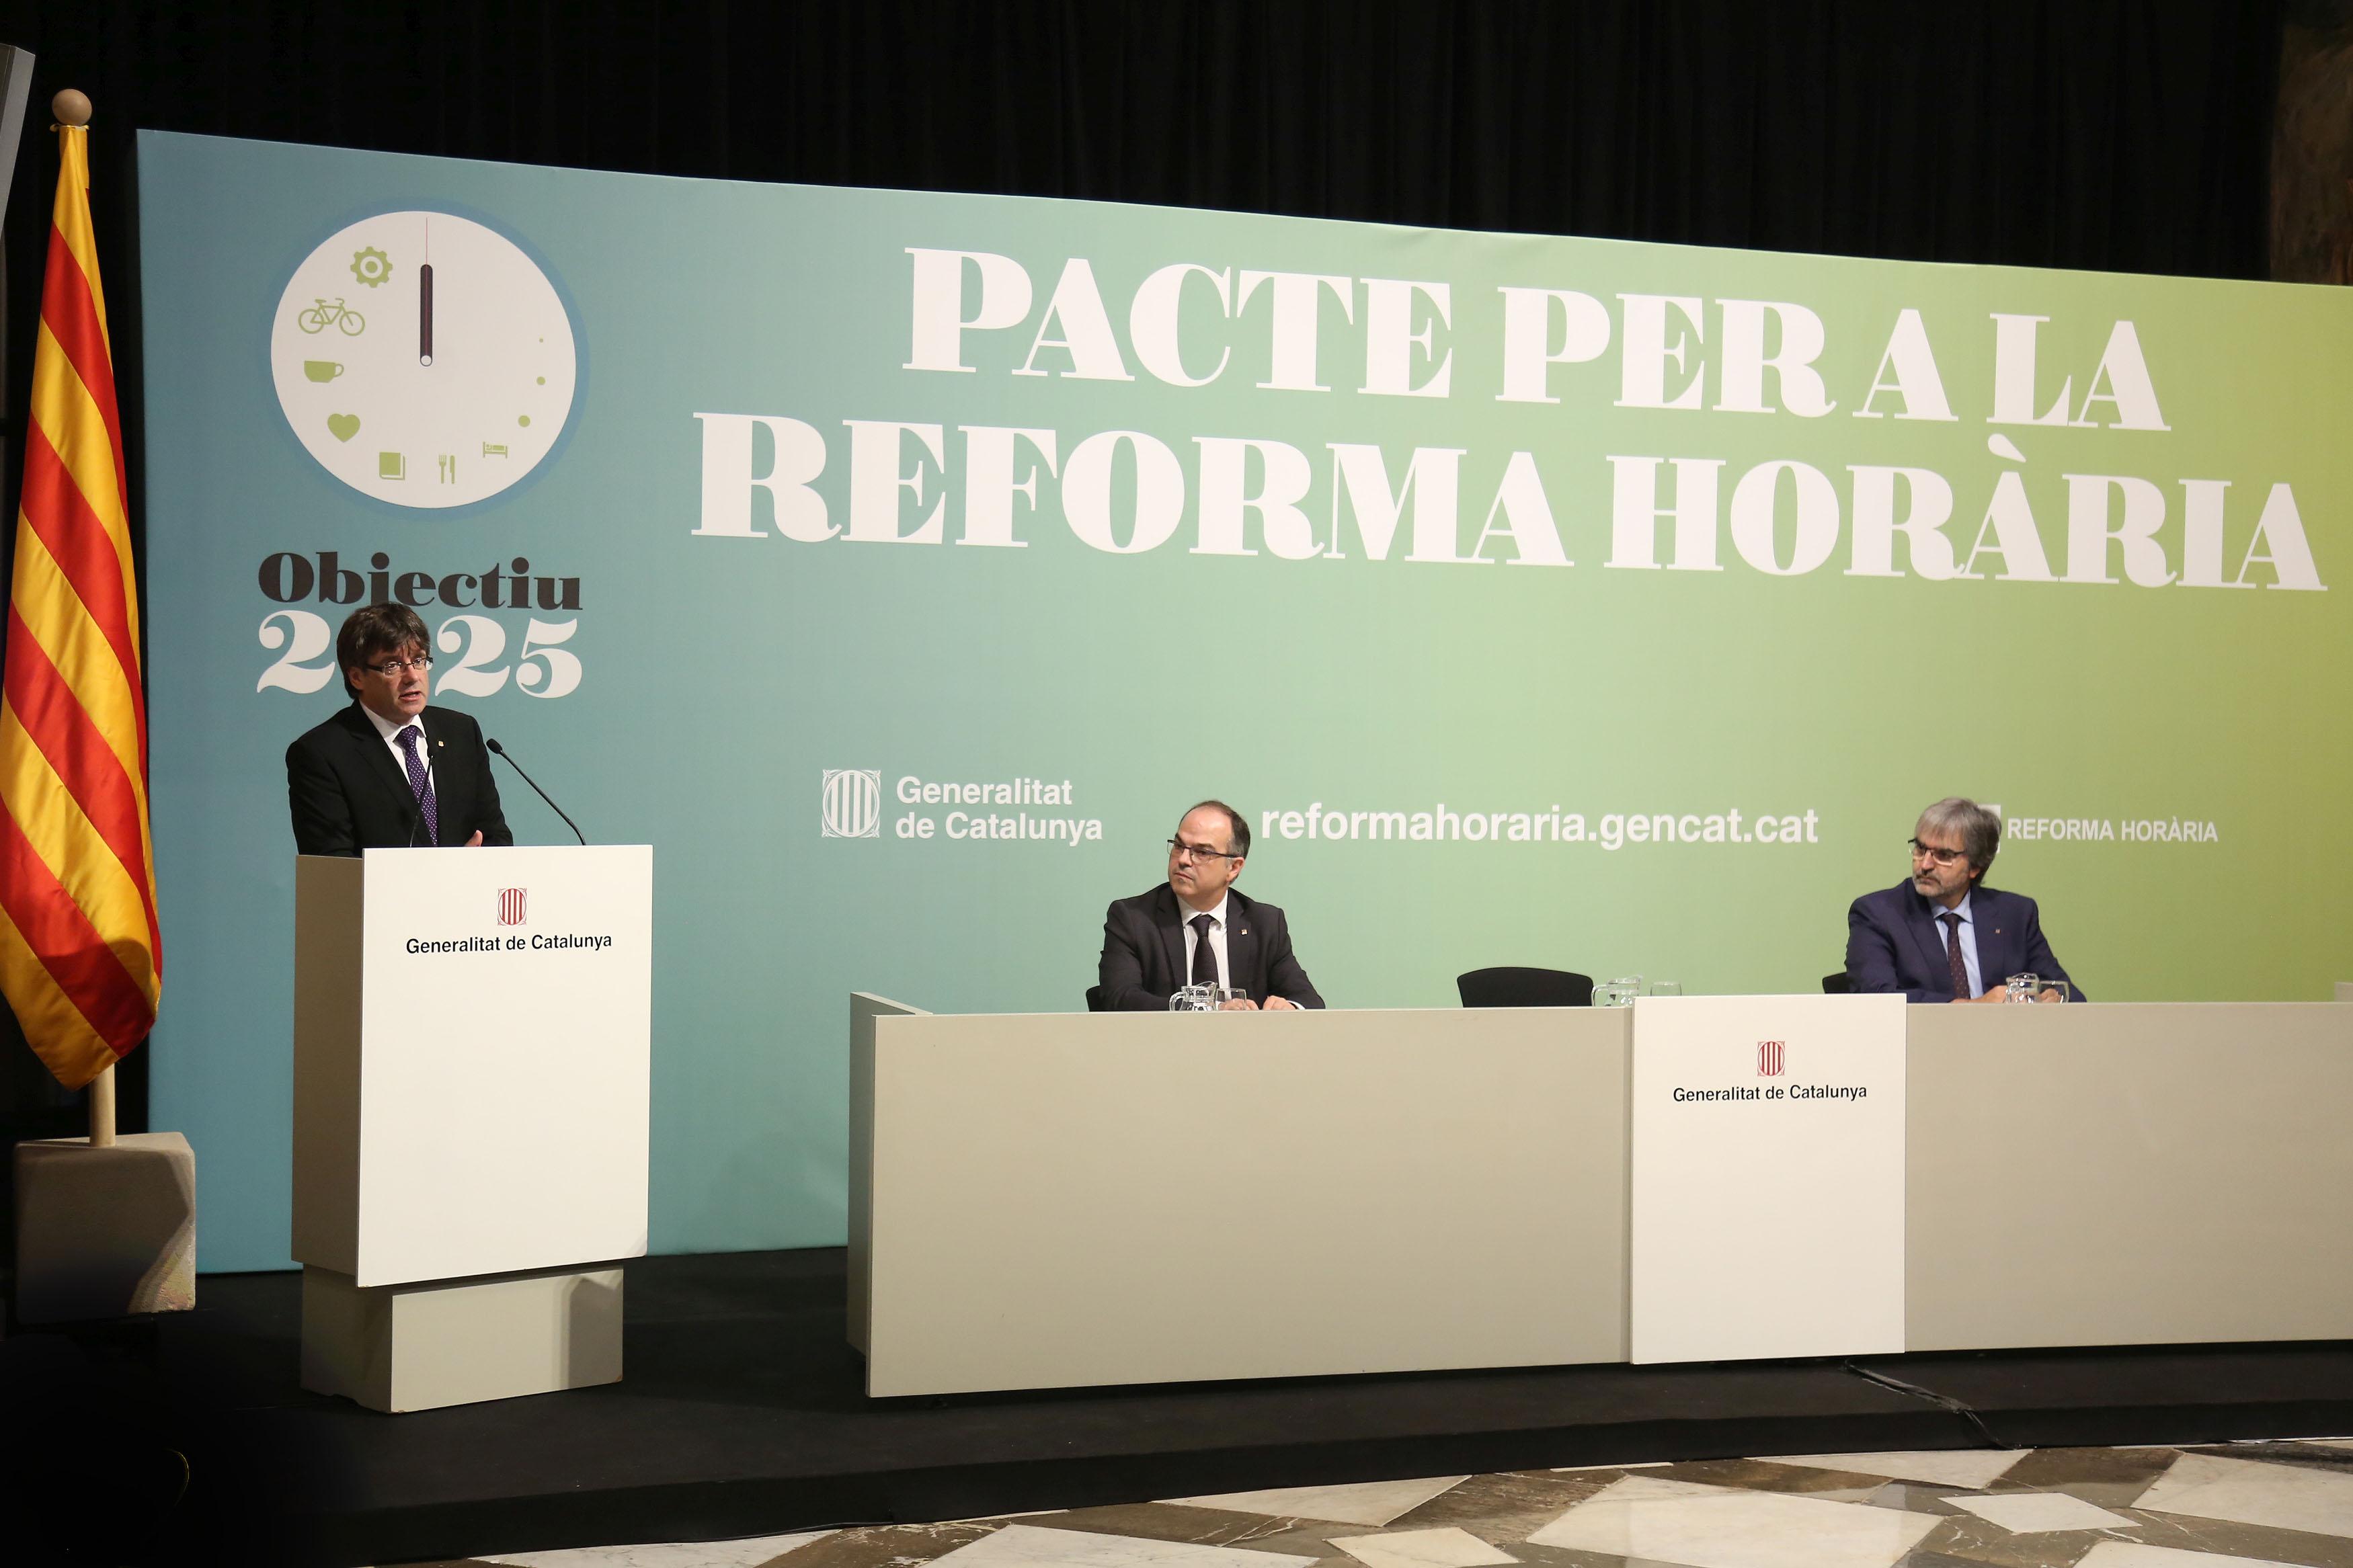 El preseident de la Generalitat, Carles Puigdemont, encapçalant l'acte de la signatura impulsada per la iniciativa Reforma Horària.